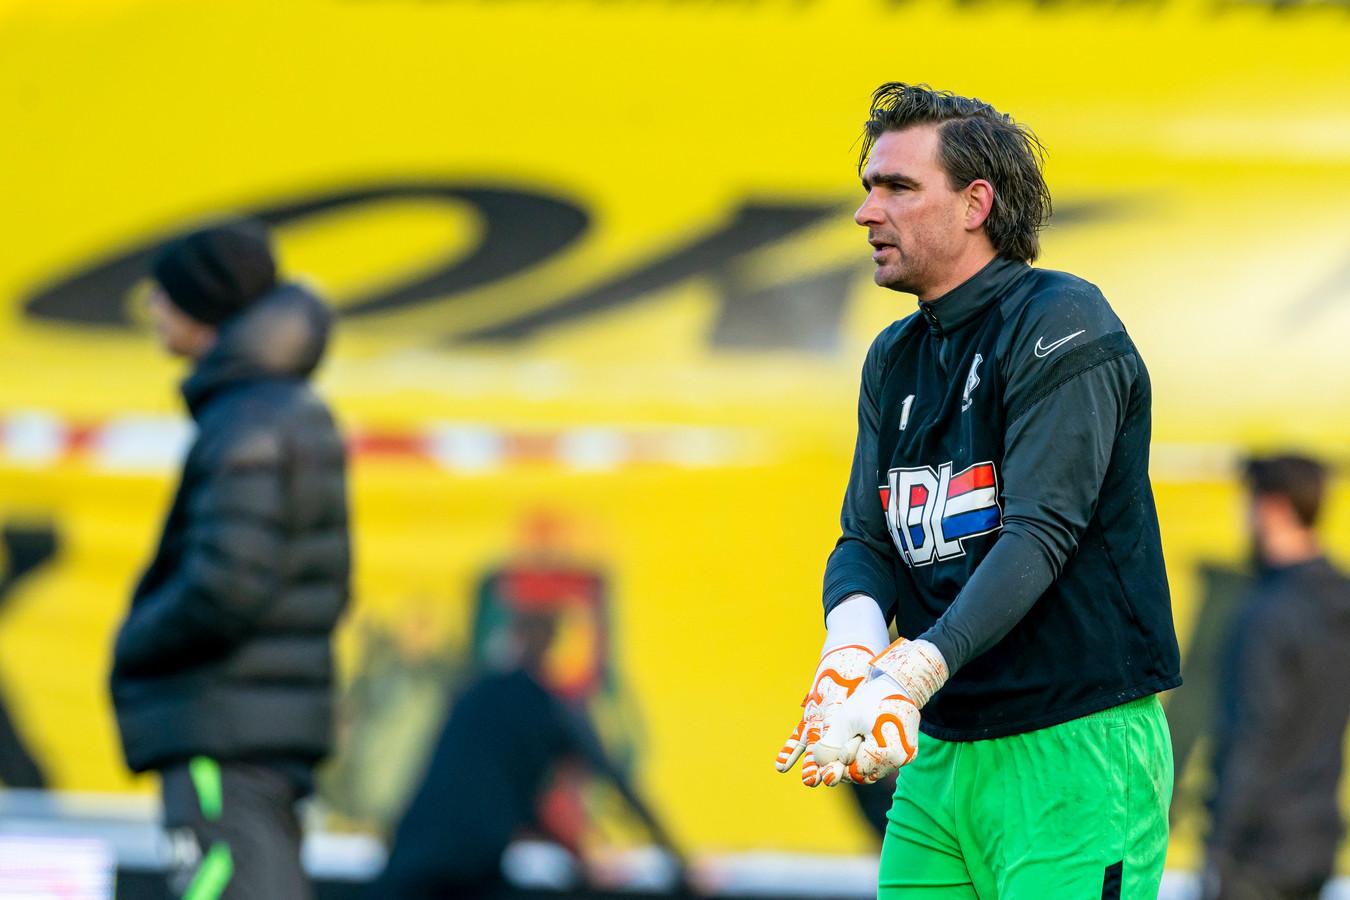 Ruud Swinkels in het tenue van FC Eindhoven, dat hij in totaal negen seizoenen droeg.